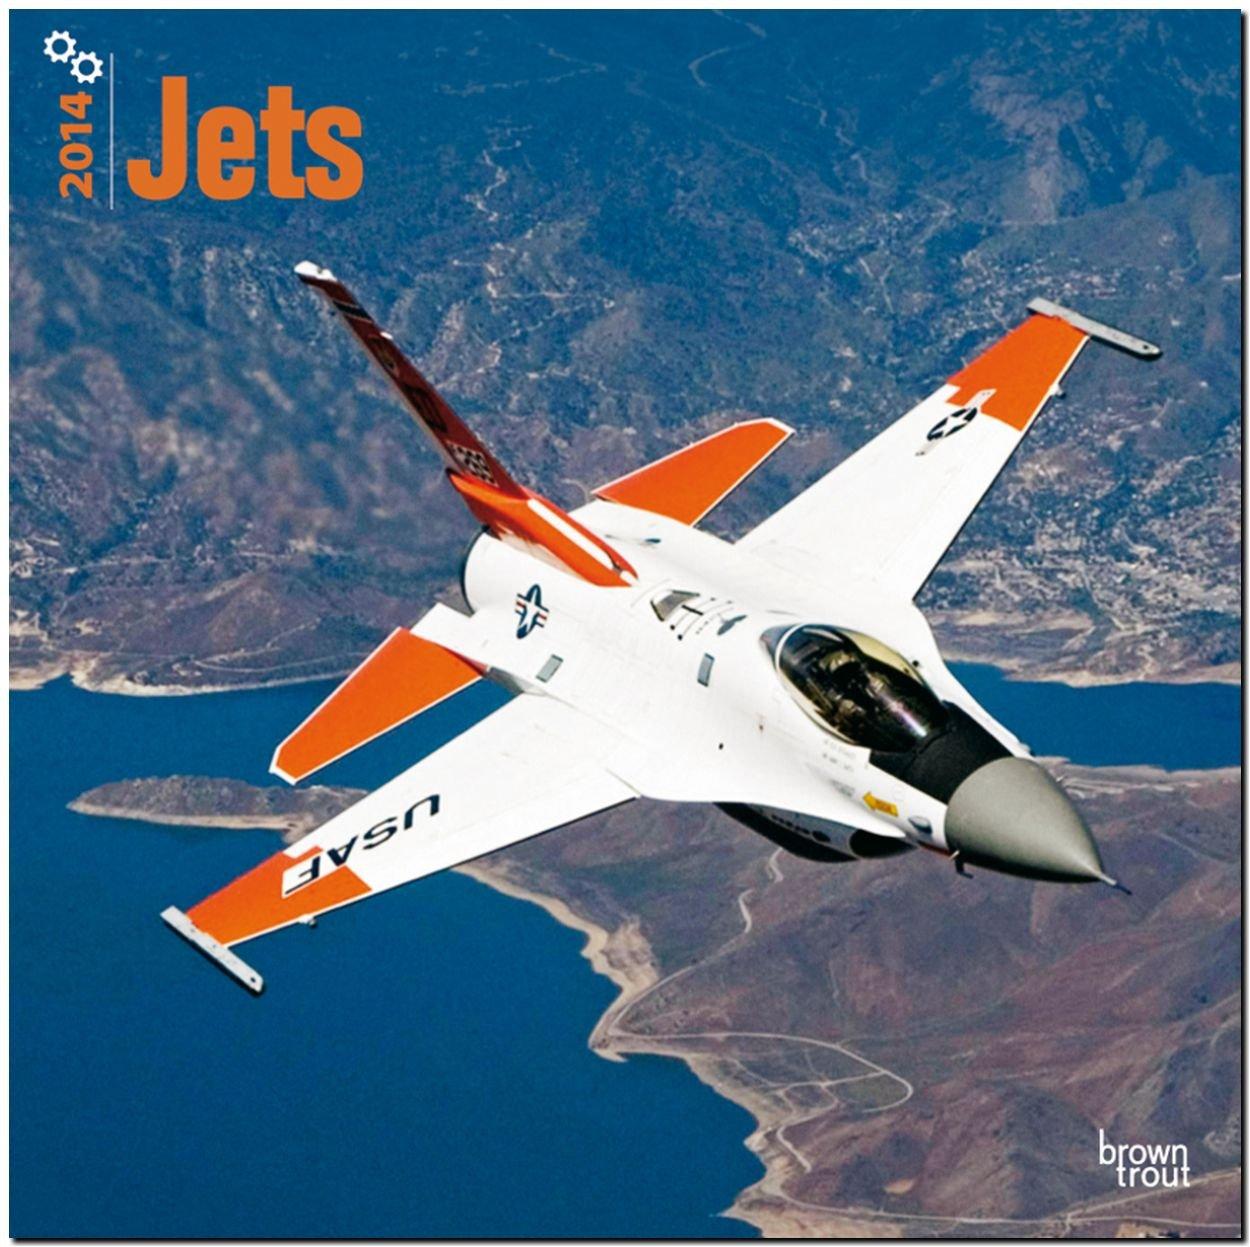 Jets 2014 - Düsenflugzeuge: Original BrownTrout-Kalender [Mehrsprachig] [Kalender]